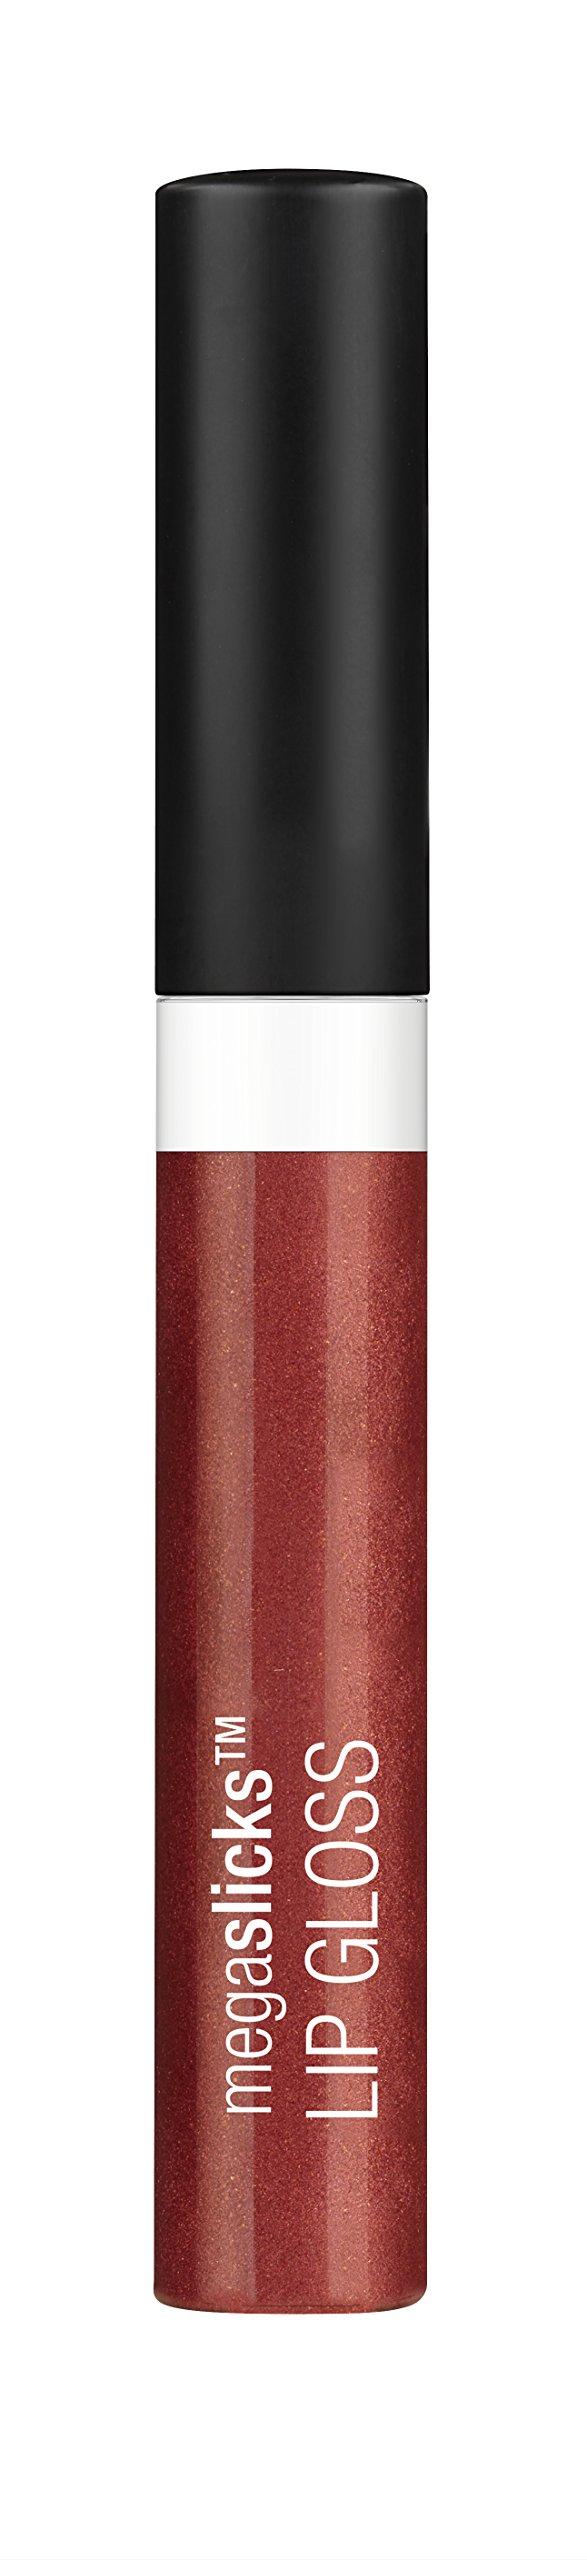 WET N WILD Mega Slicks Lip Gloss - Red Sensation